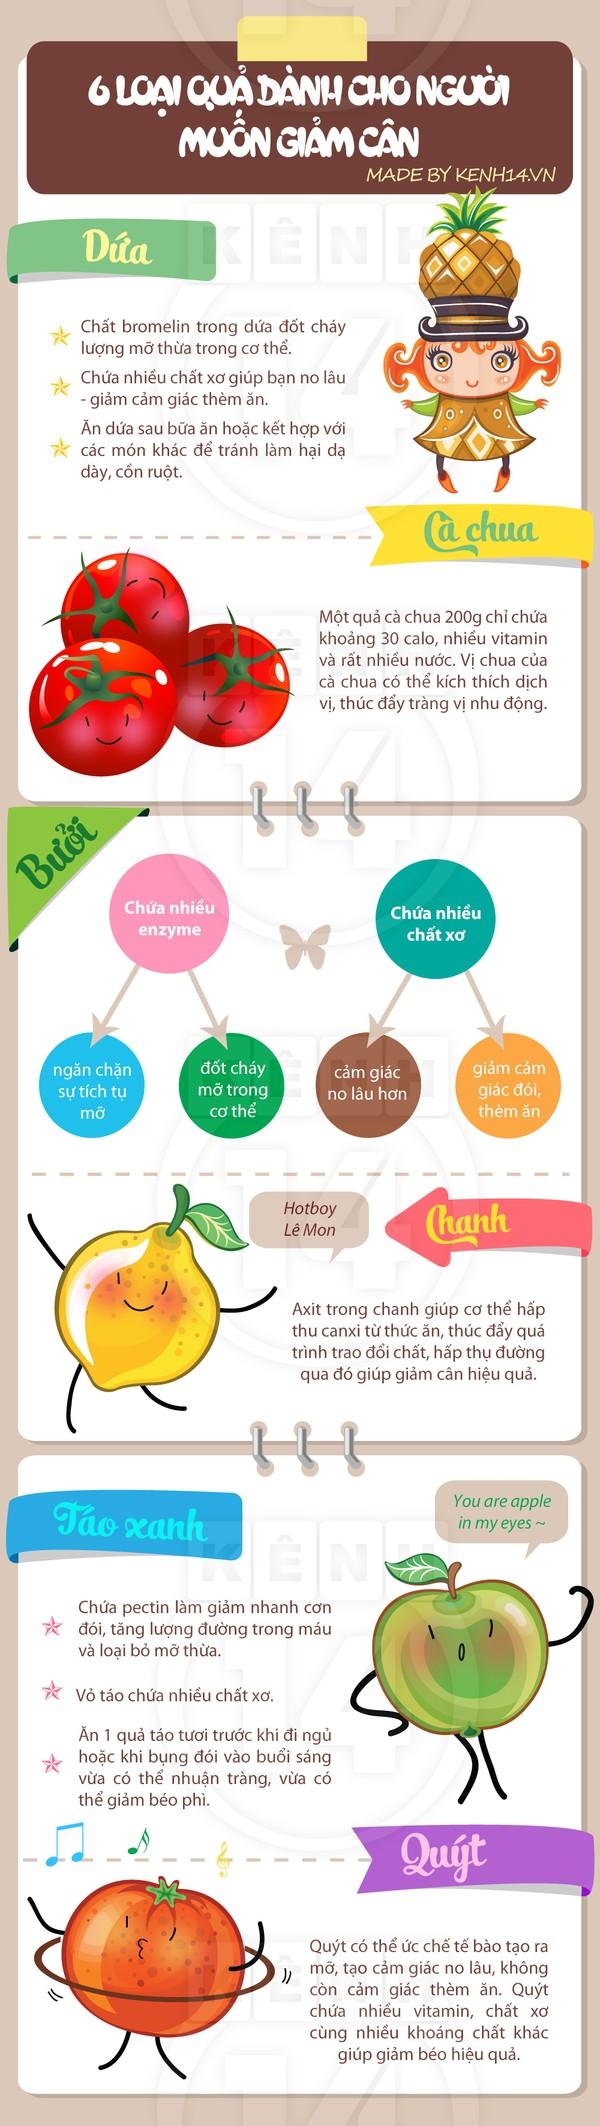 Những loại trái cây giúp giảm cân nhanh nhất hiện nay